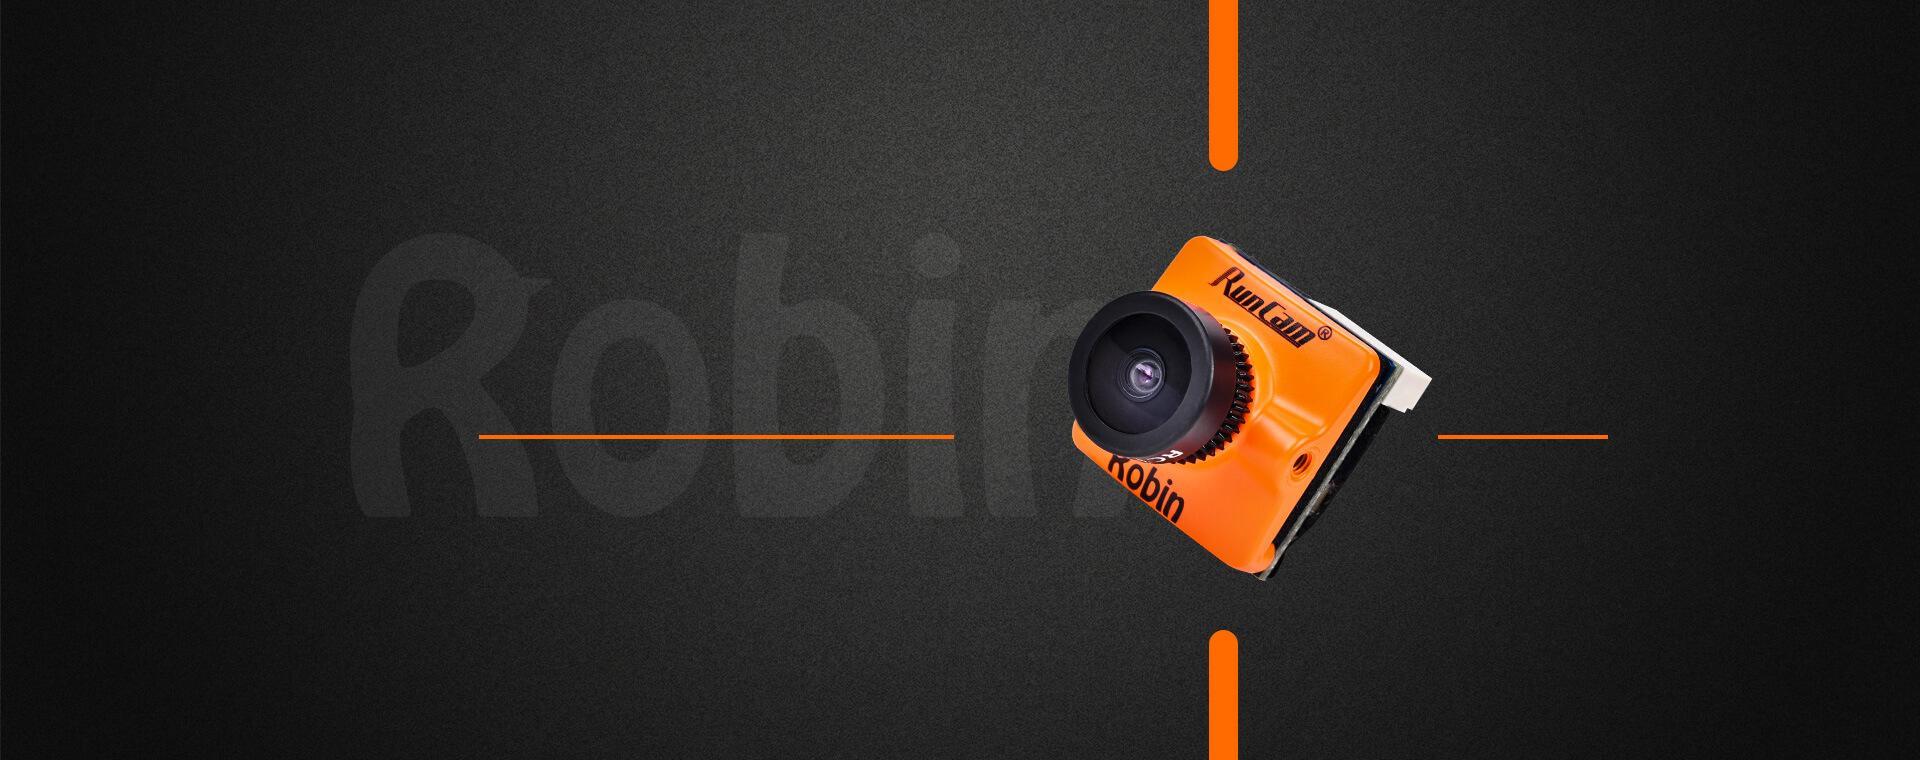 runcam robin fpv camera-web-1.jpg